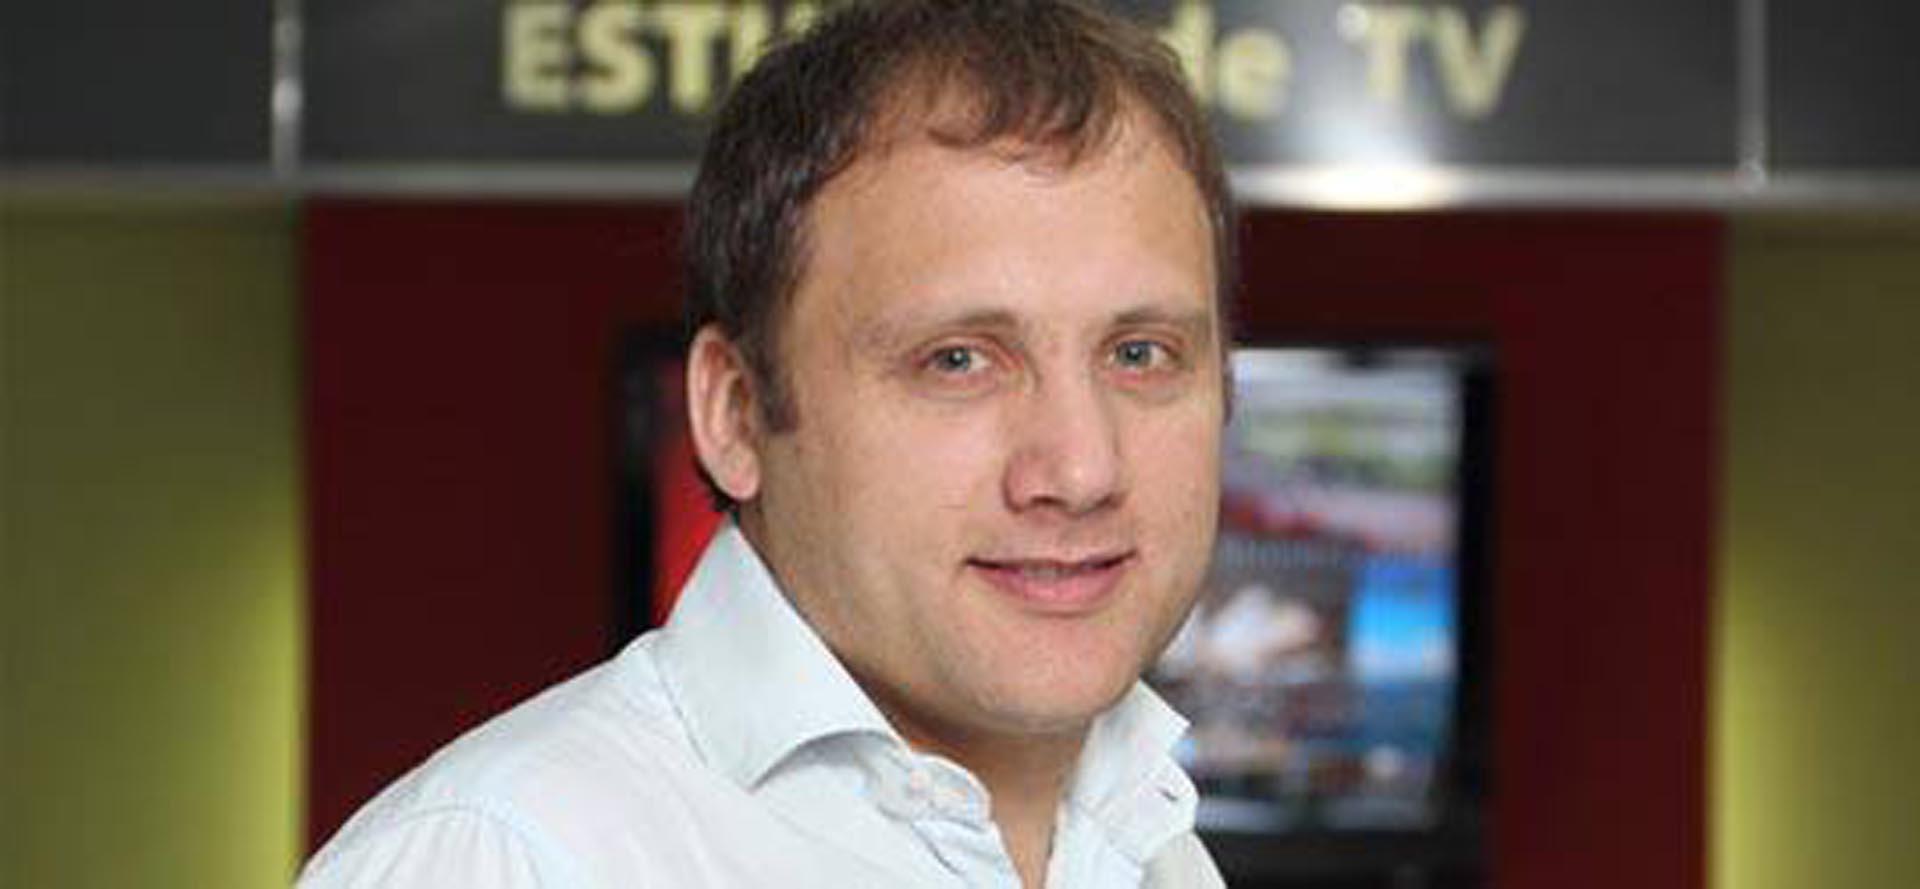 Santiago Marino, director de investigaciones de la Defensoría del Público